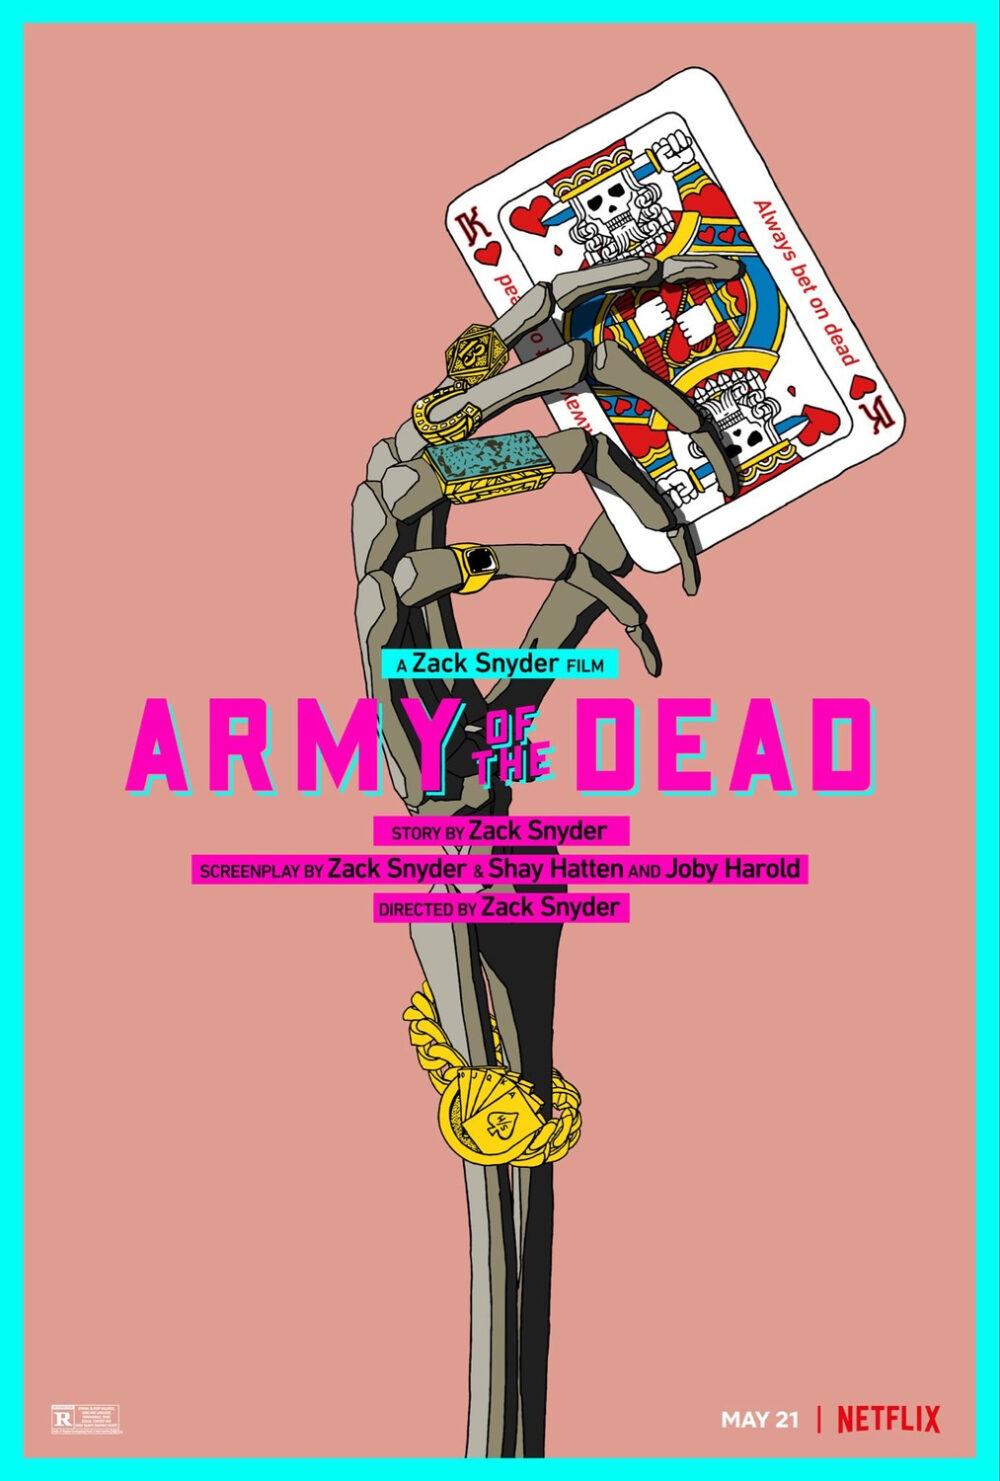 army-of-the-dead-nuovo-trailer-italiano-dello-zombie-movie-di-zack-snyder